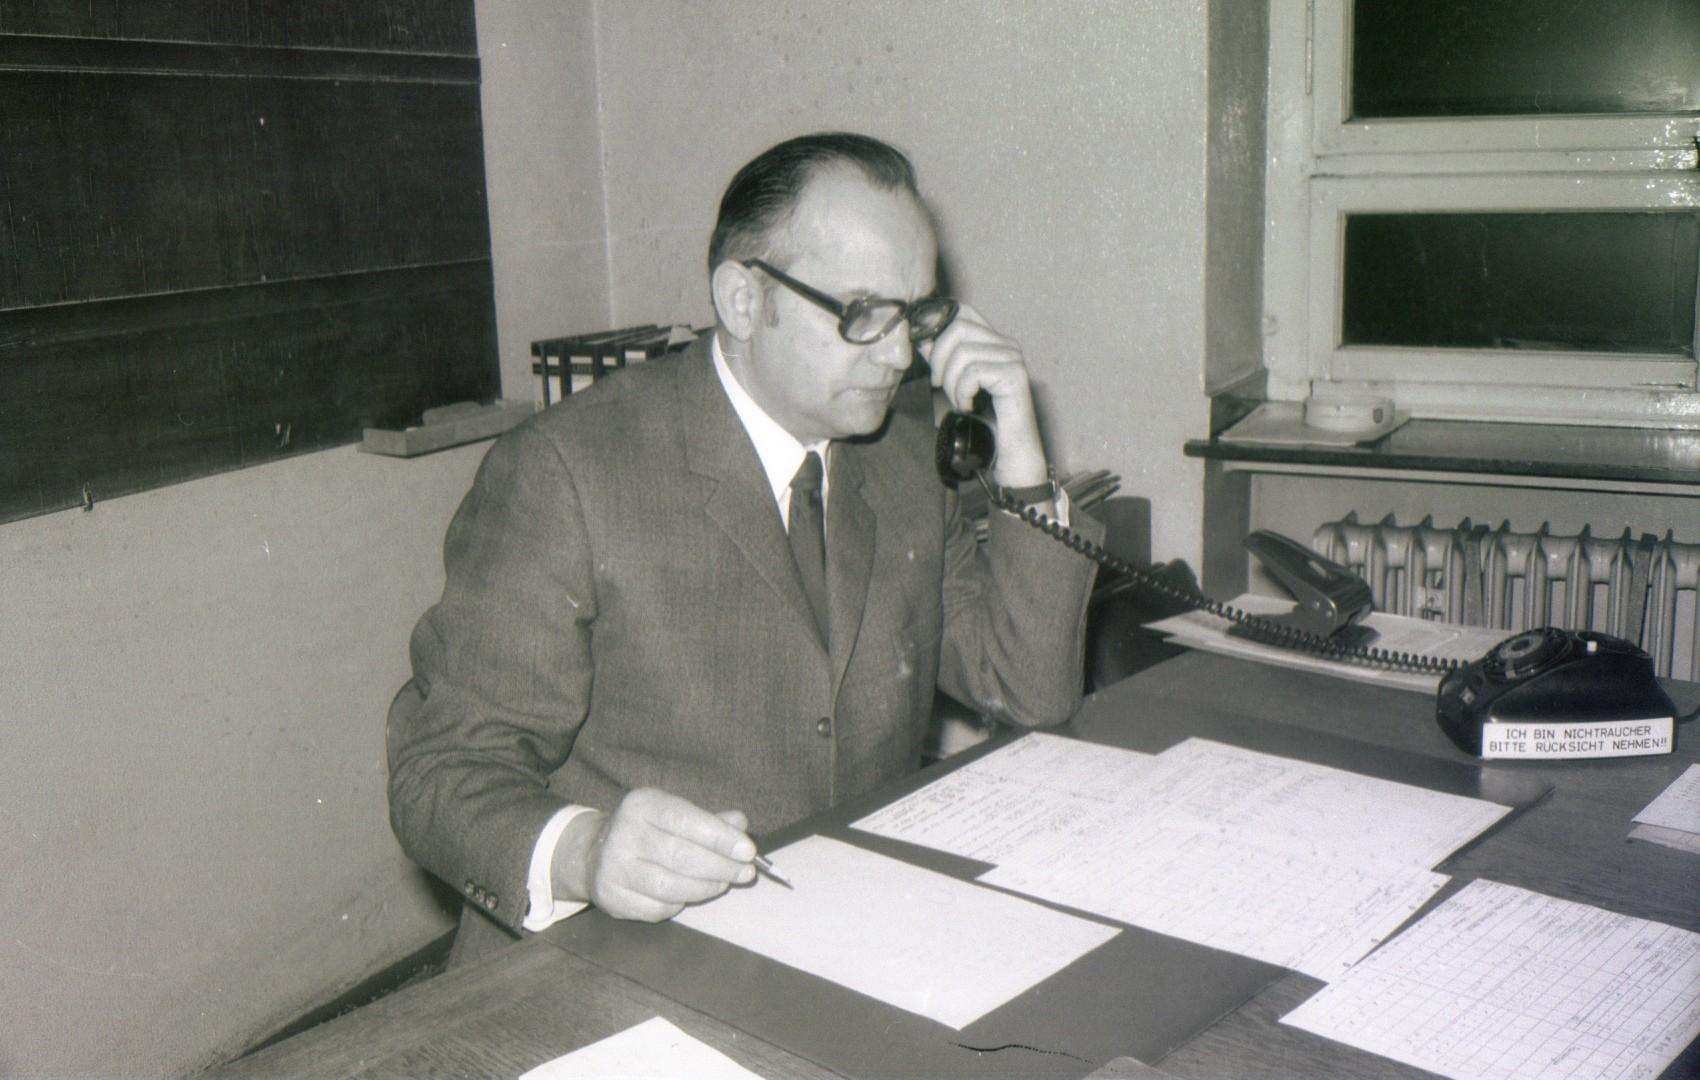 Obersteiger Aus-und Vorrichtung Ickern, Wilhelm Baumeister